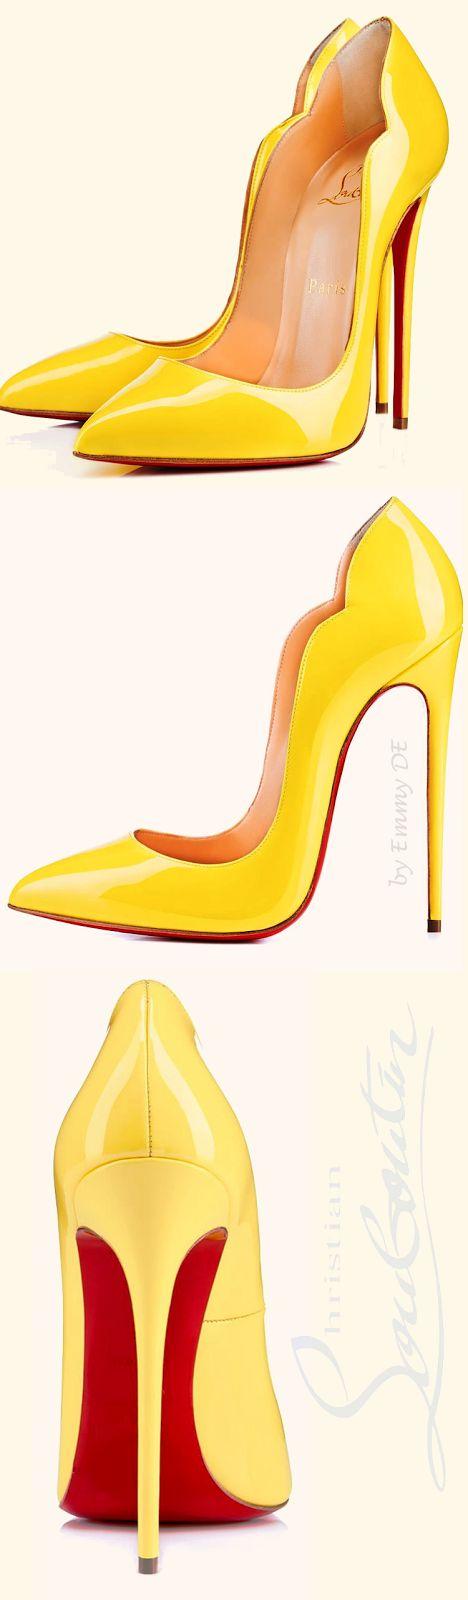 حذاء  عالی اصفر